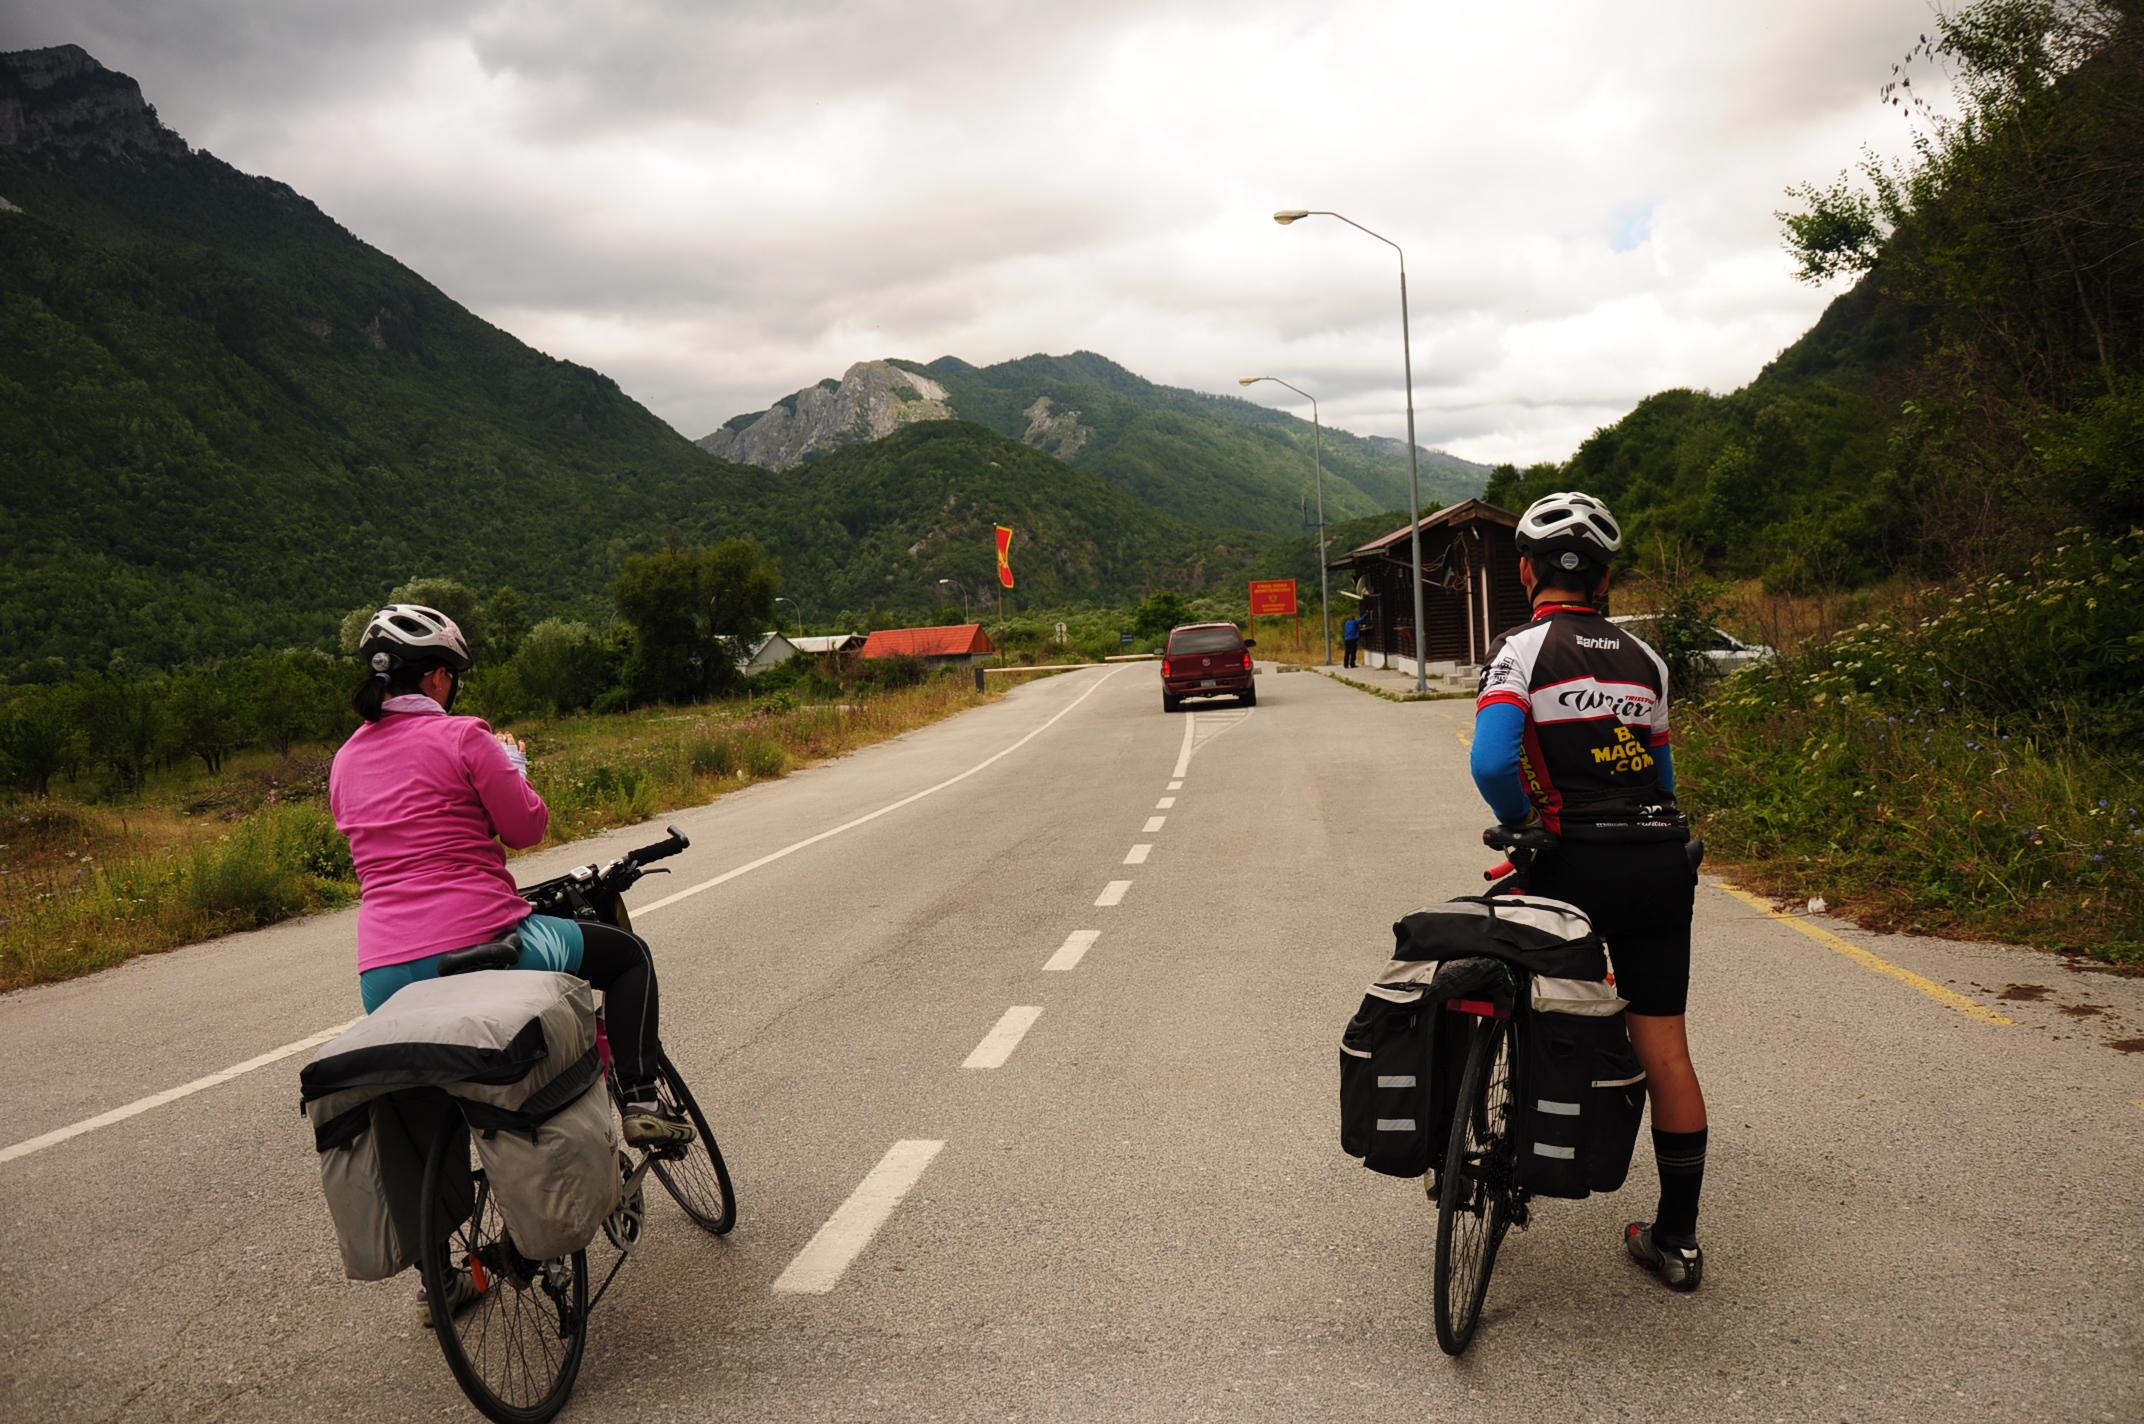 Still in Montenegro